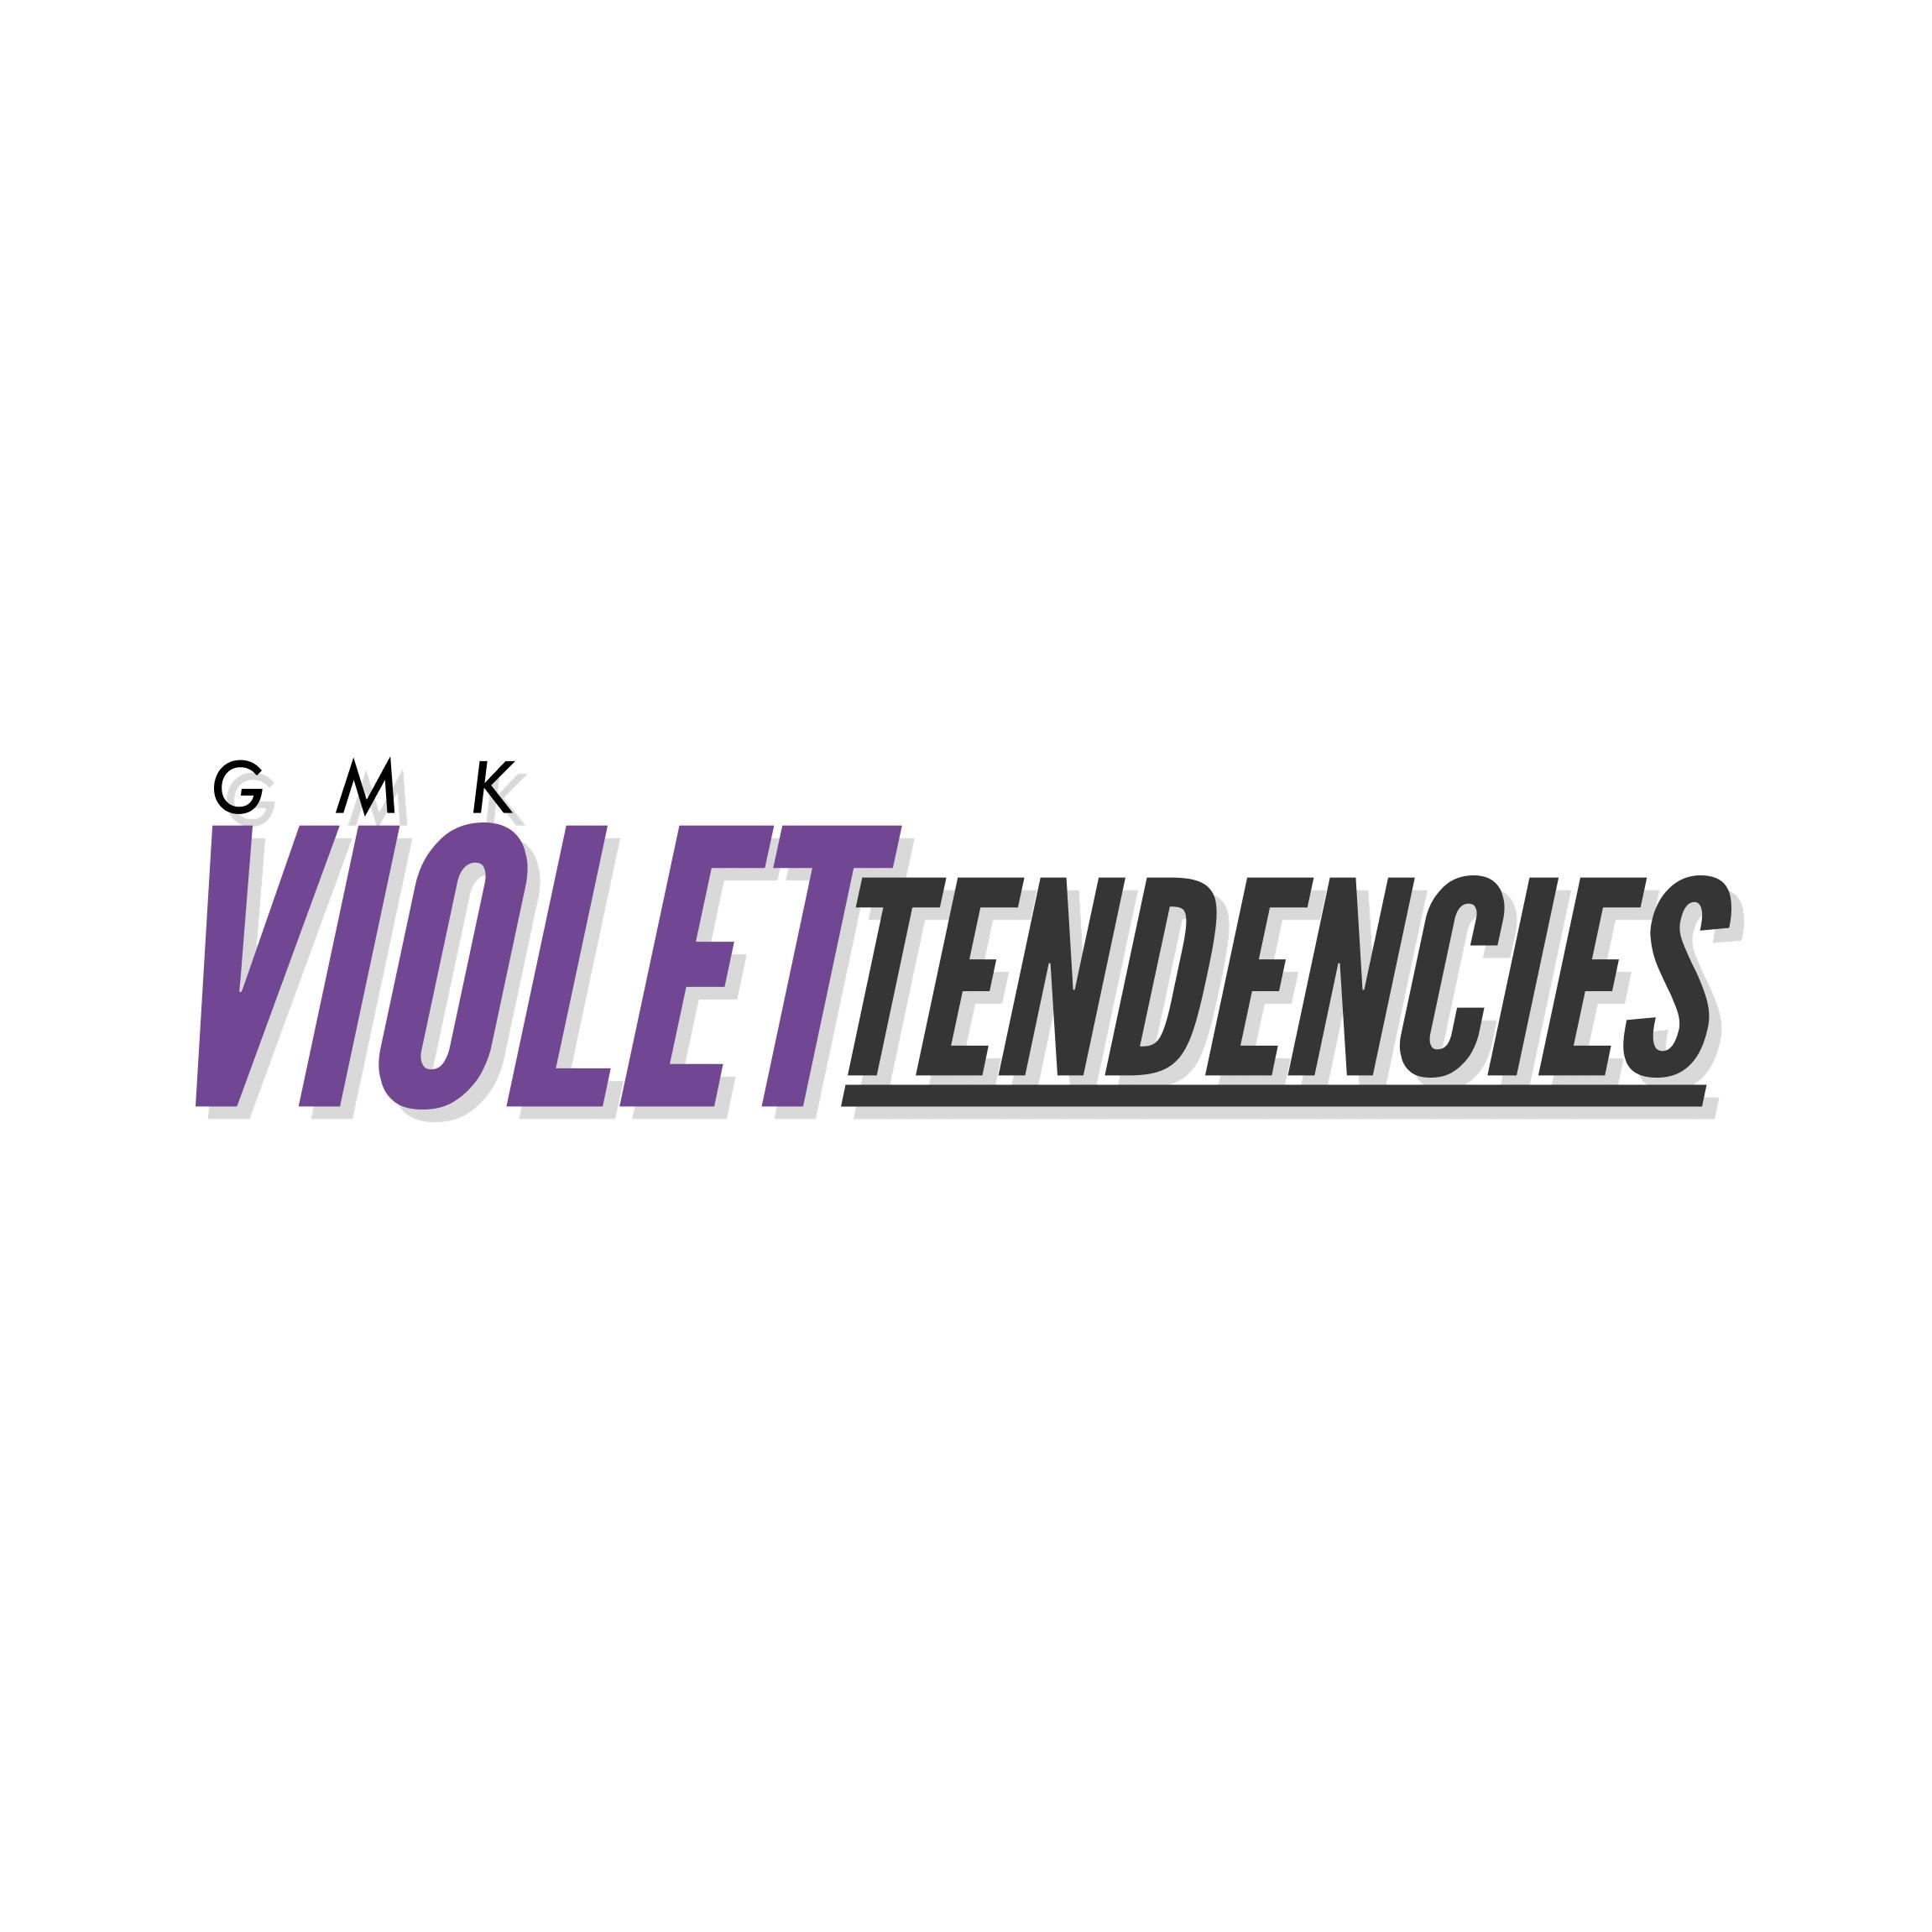 GMK Vt Logo.png